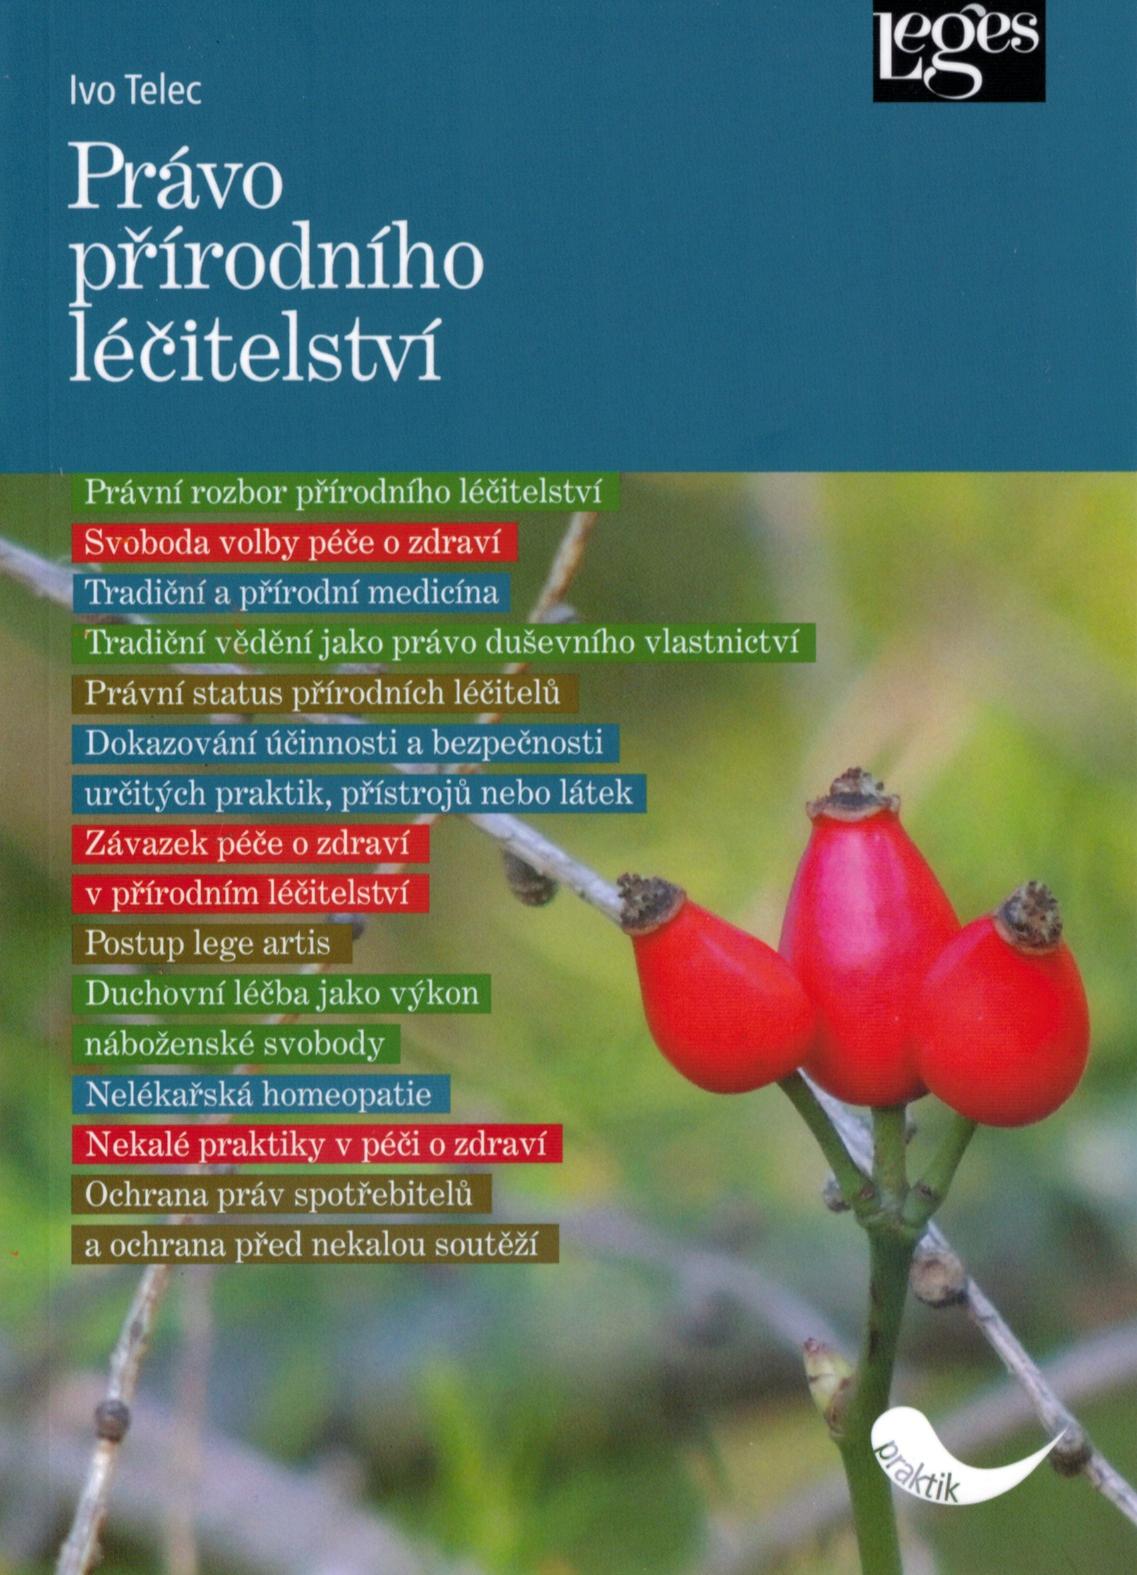 Právo přírodního léčitelství Ivo Telec